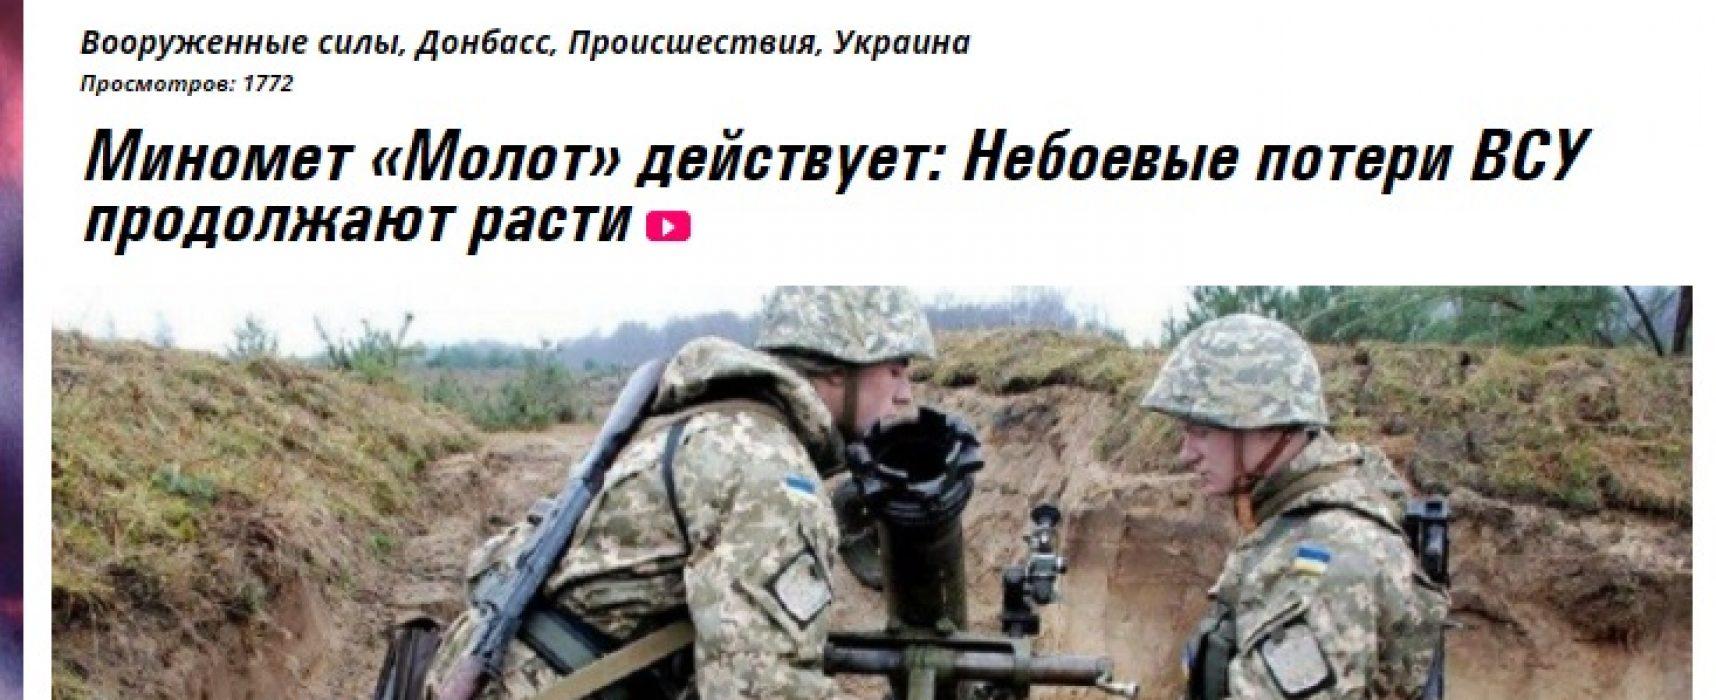 Фейк: Киев потерял четырех военнослужащих из-за взрыва миномета «Молот»